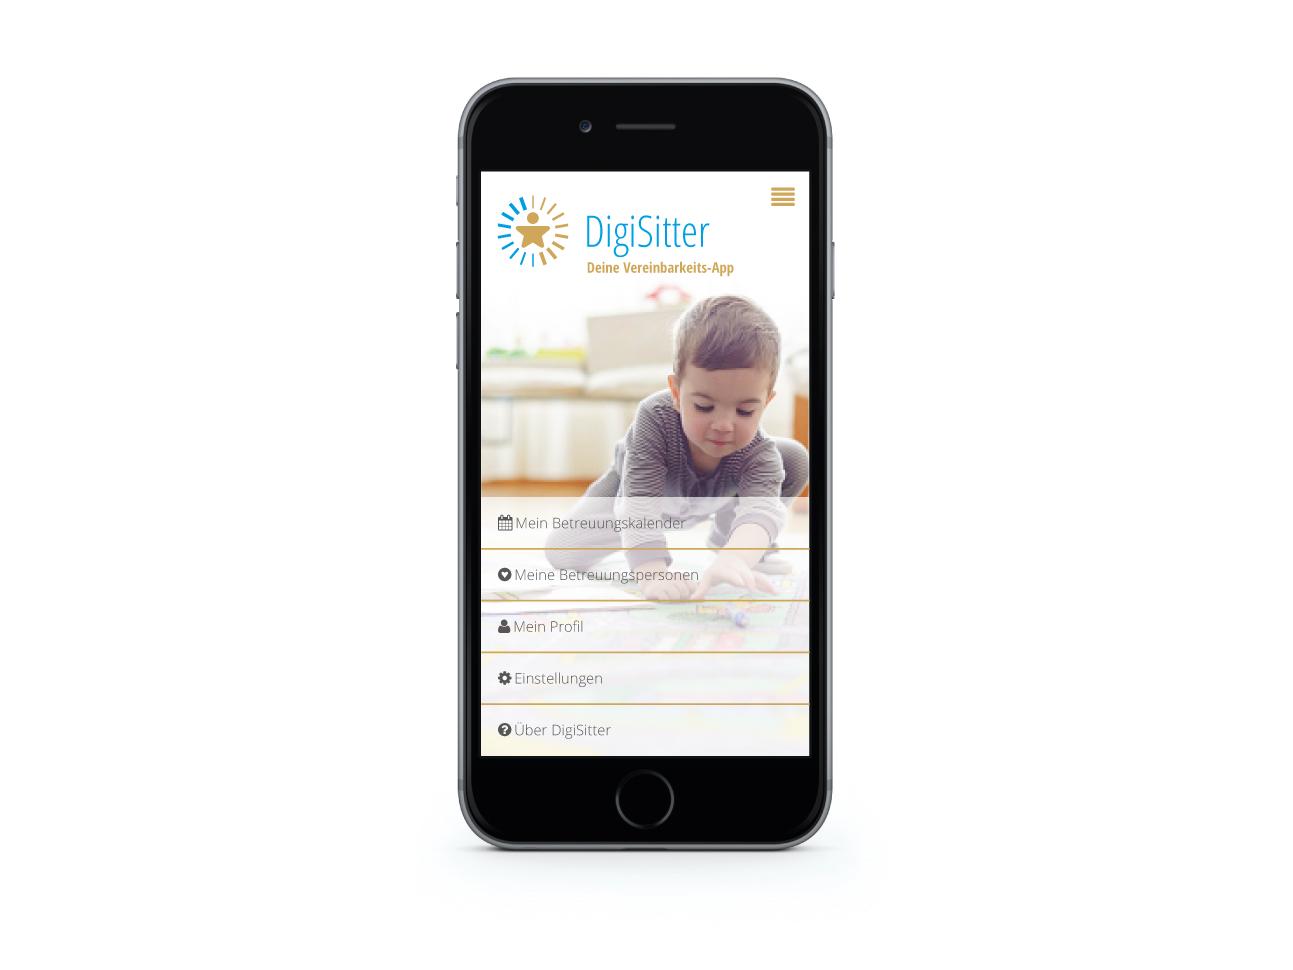 martin_zech_design_projekt_design_digisitter_app-screen